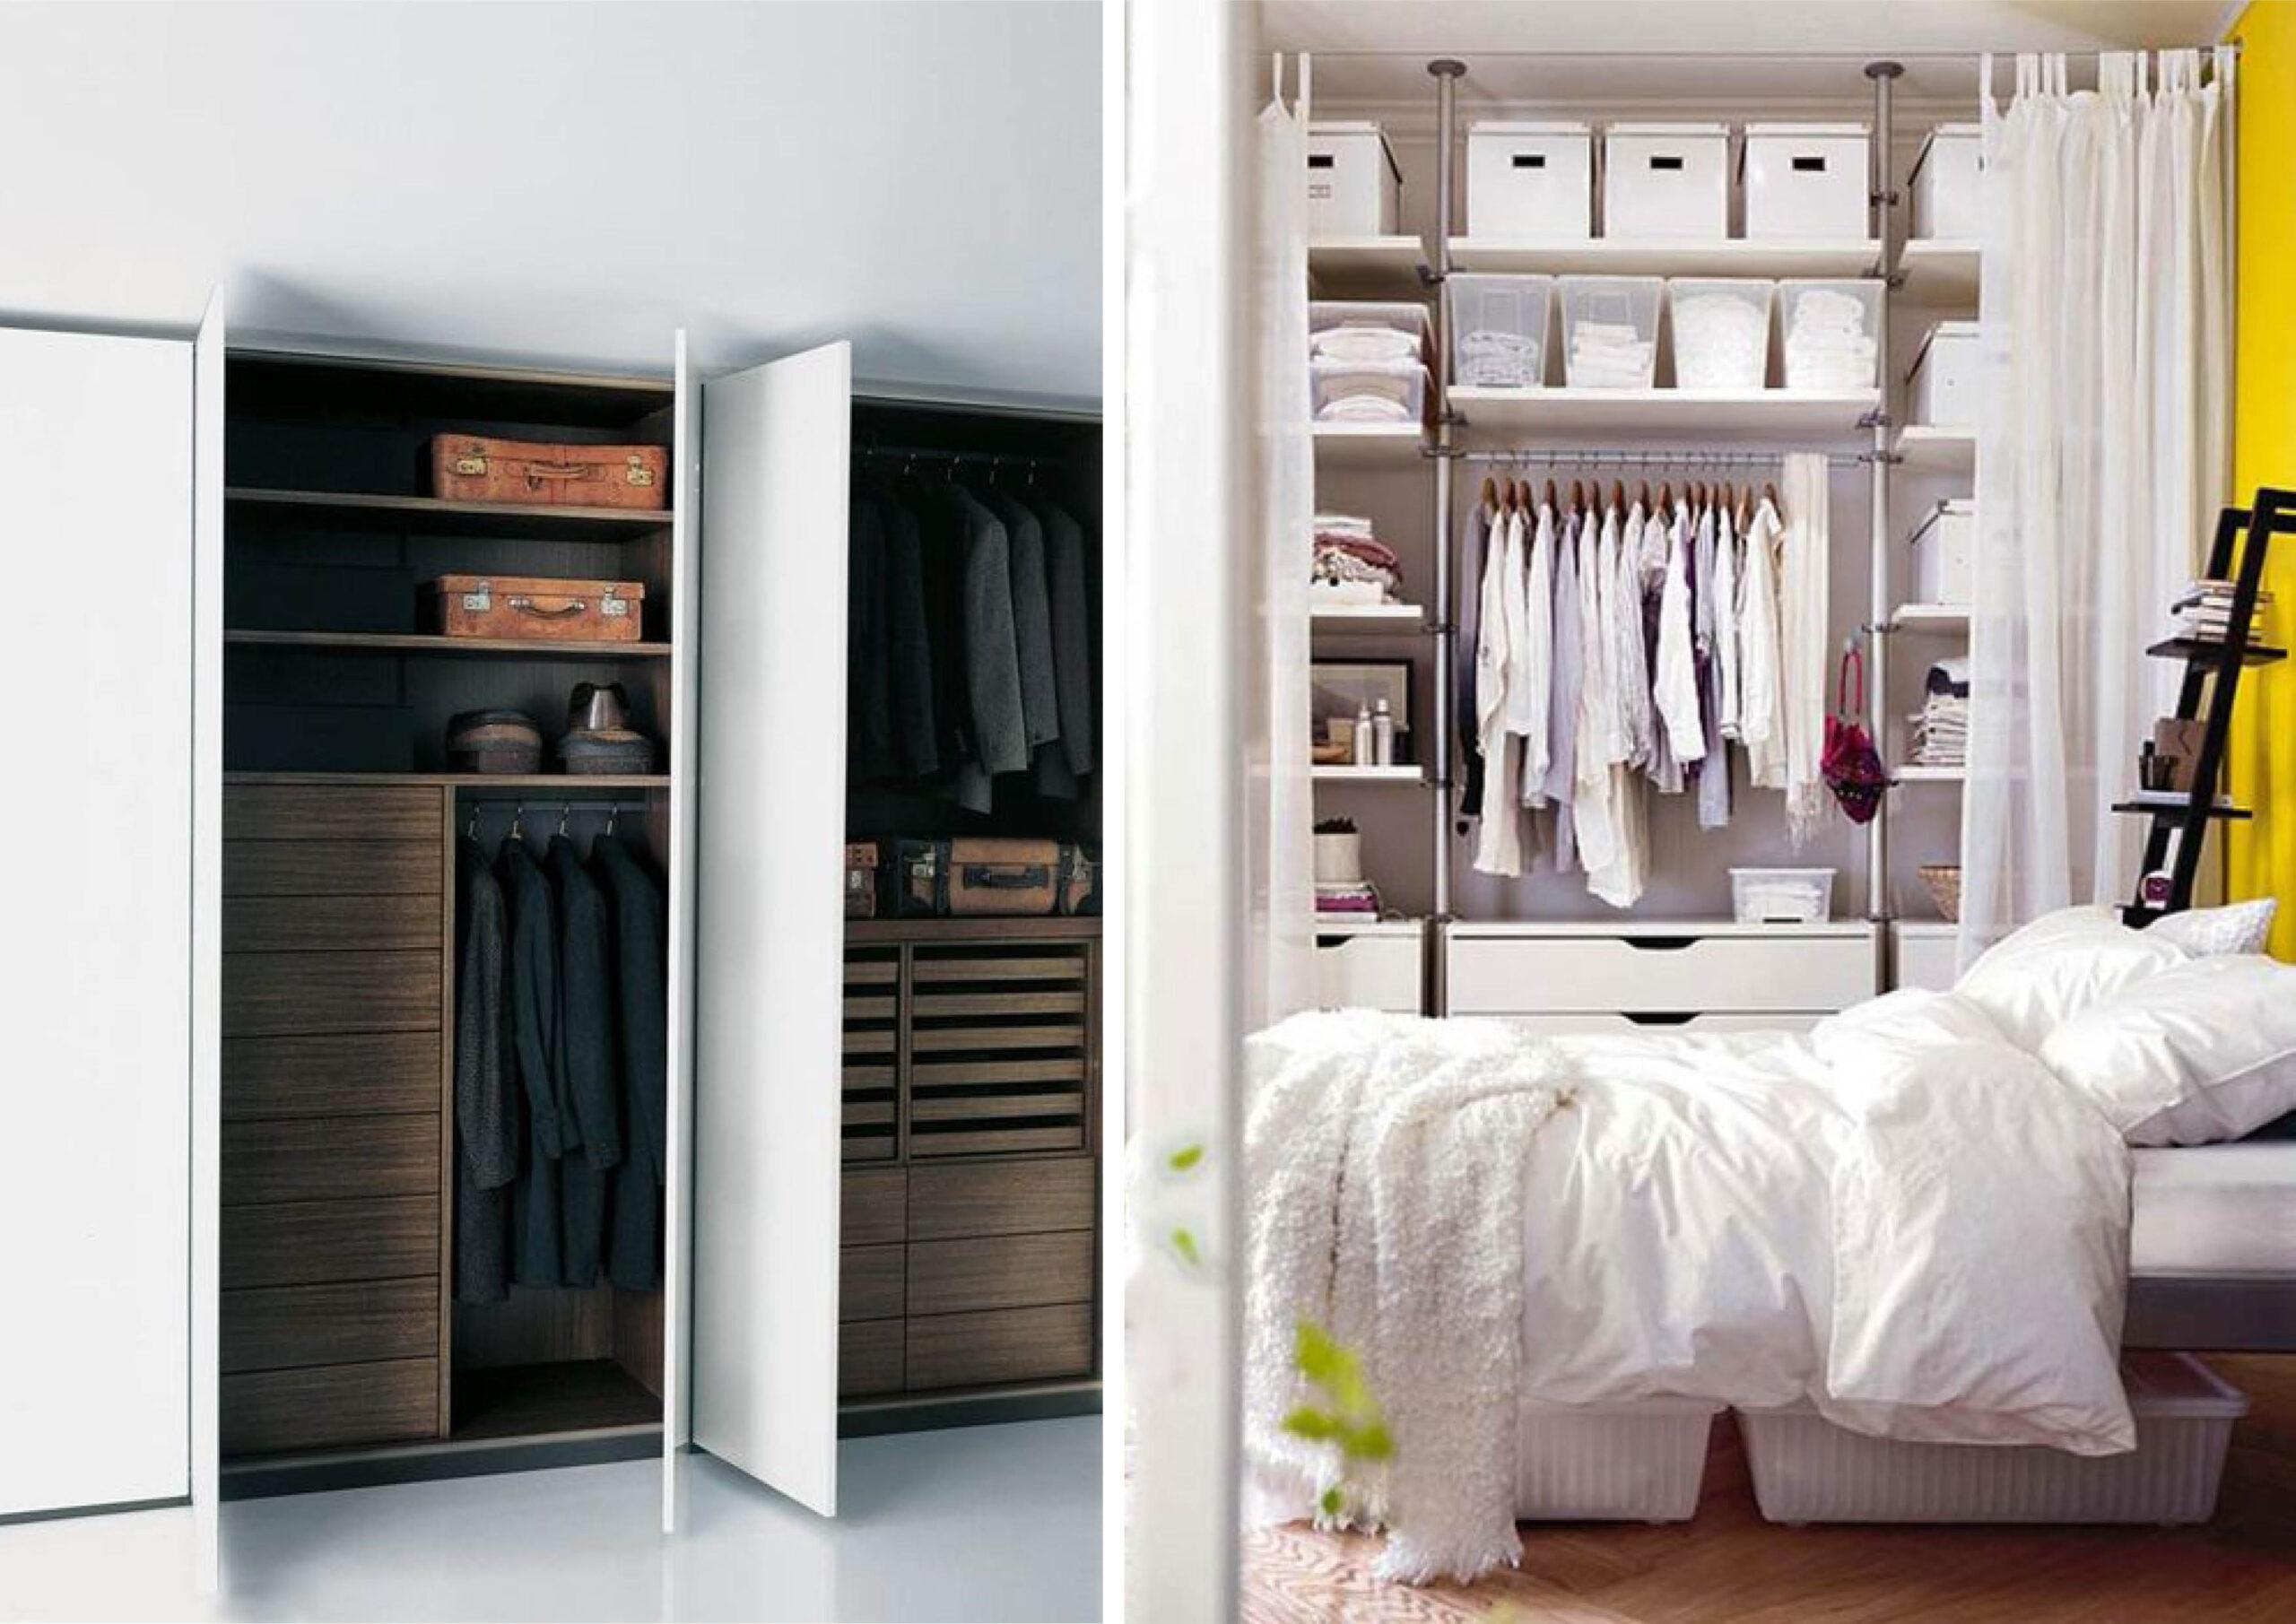 Full Size of Ikea Vorratsschrank 10 Elegante Schranklsungen Miniküche Küche Kaufen Betten 160x200 Kosten Modulküche Sofa Mit Schlaffunktion Bei Wohnzimmer Ikea Vorratsschrank